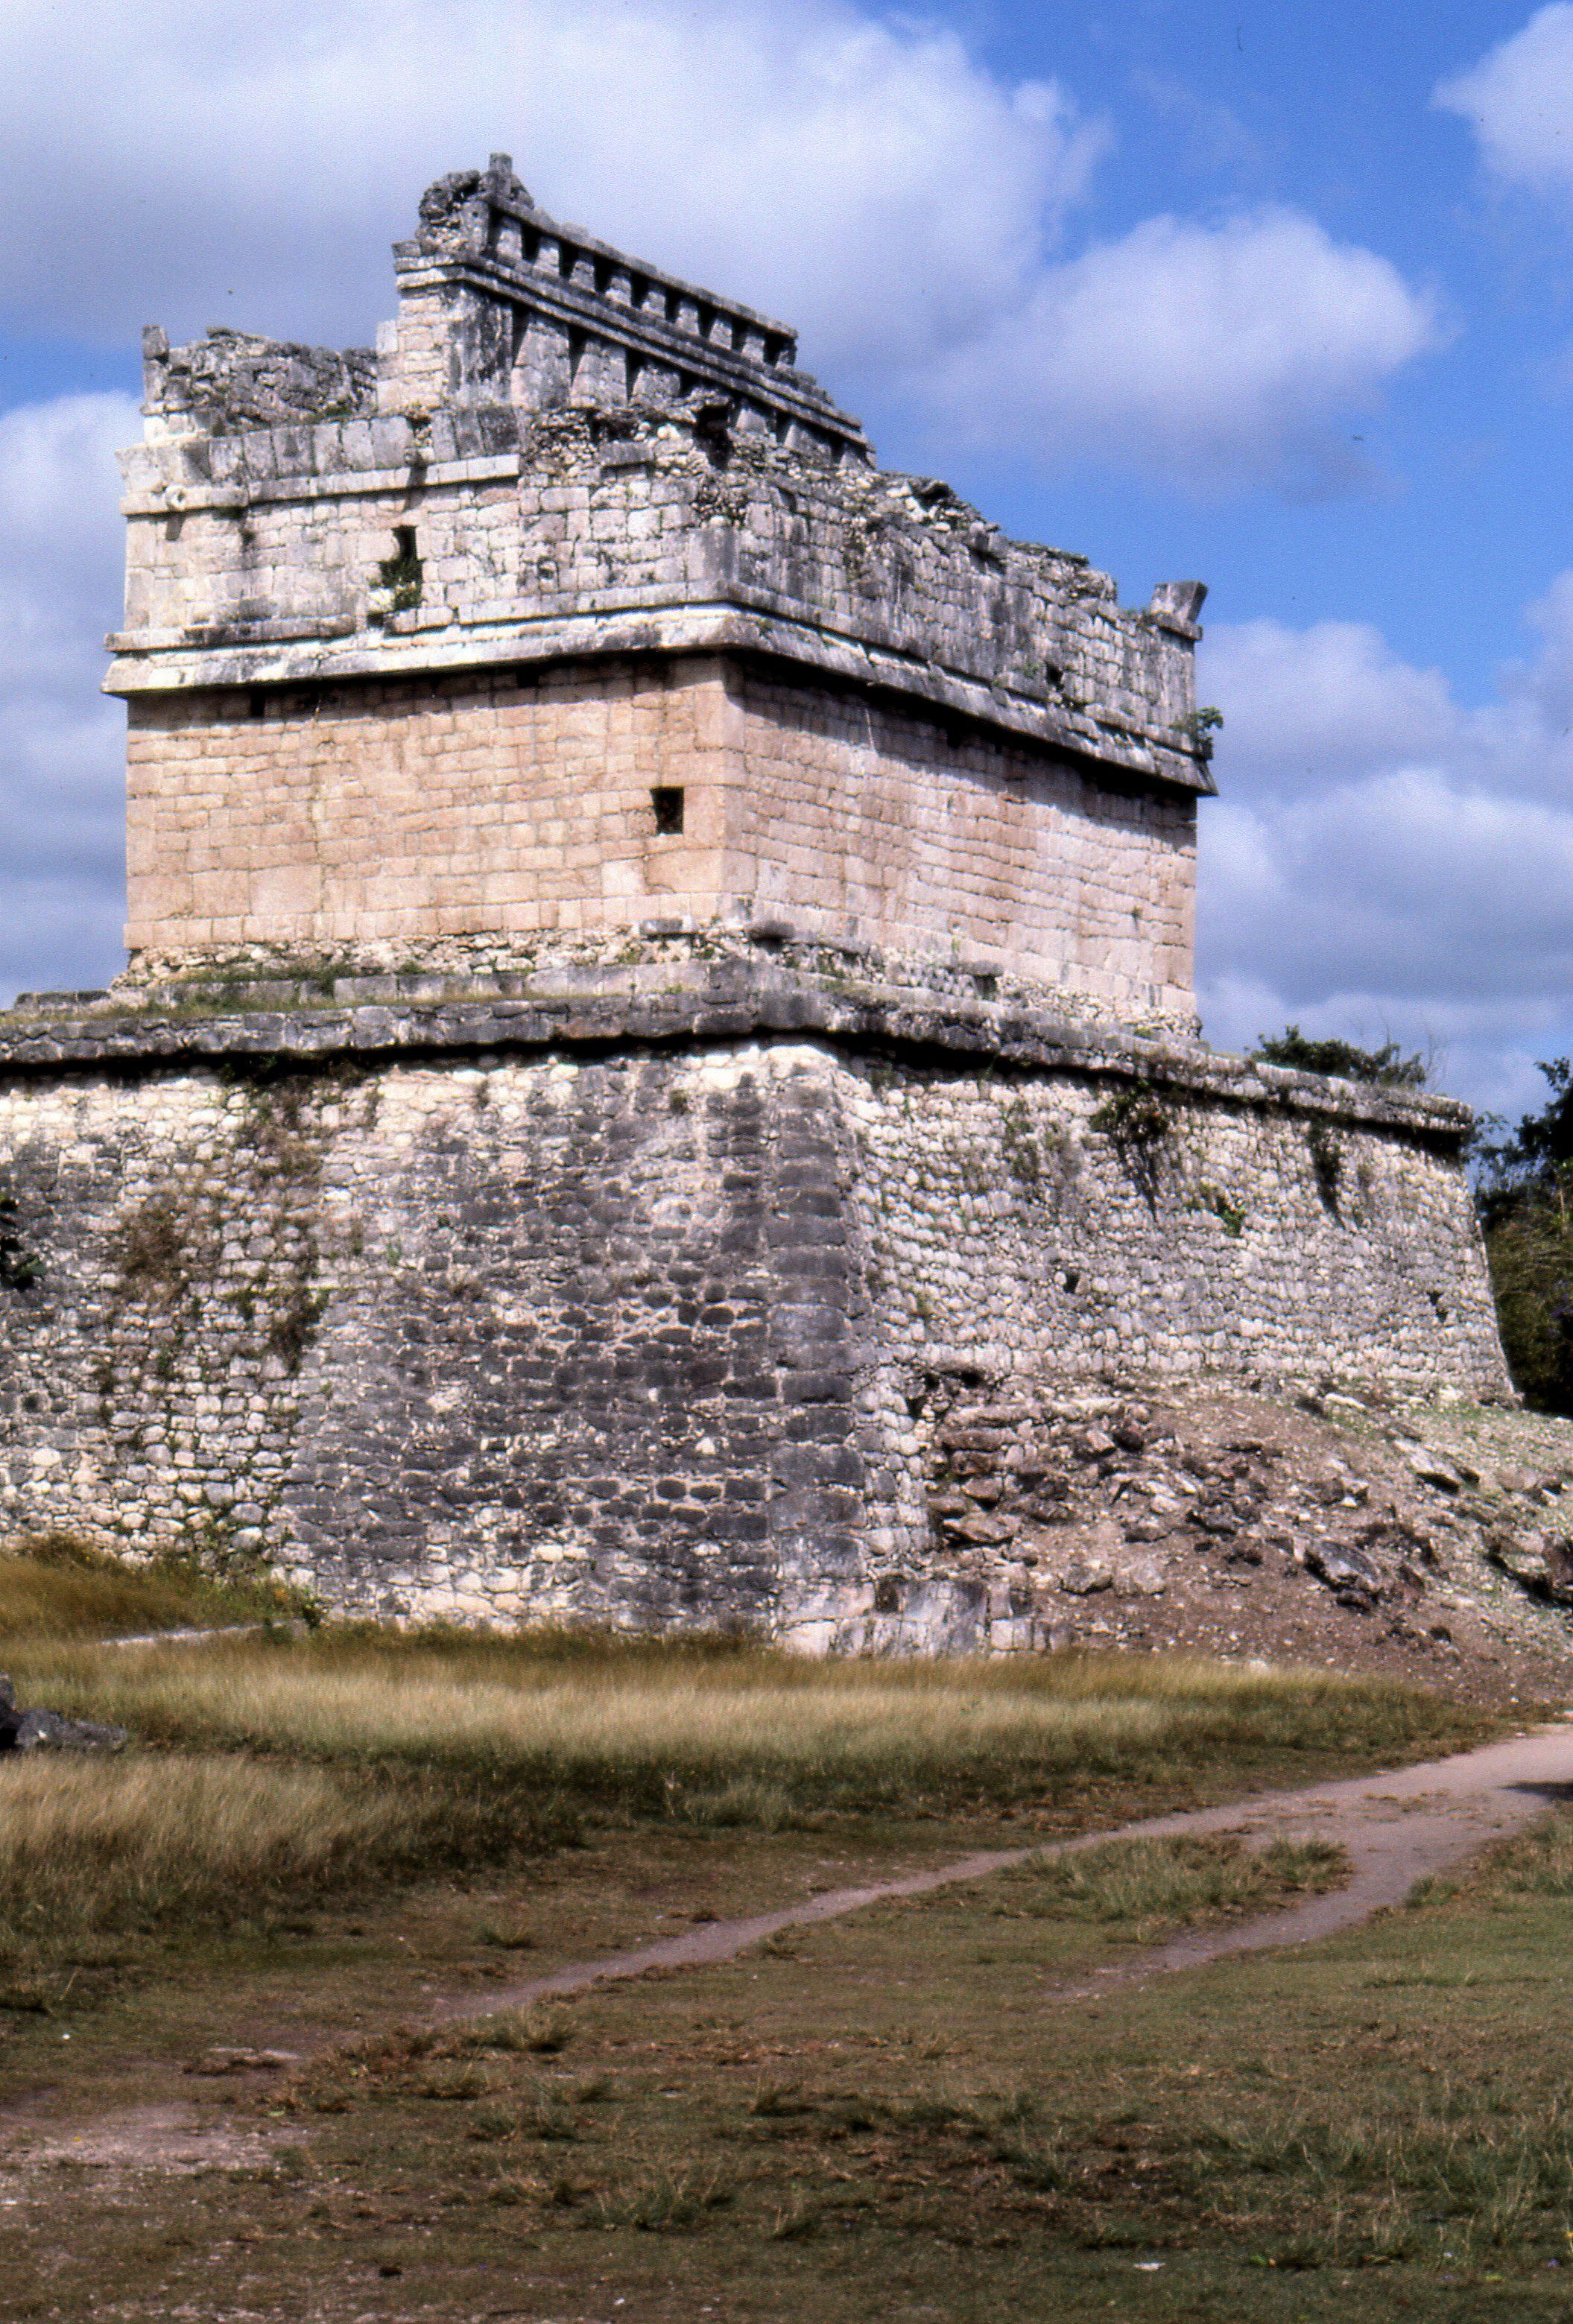 The Brilliant Ruins Of Chichen Itza Evidence A Dazzling